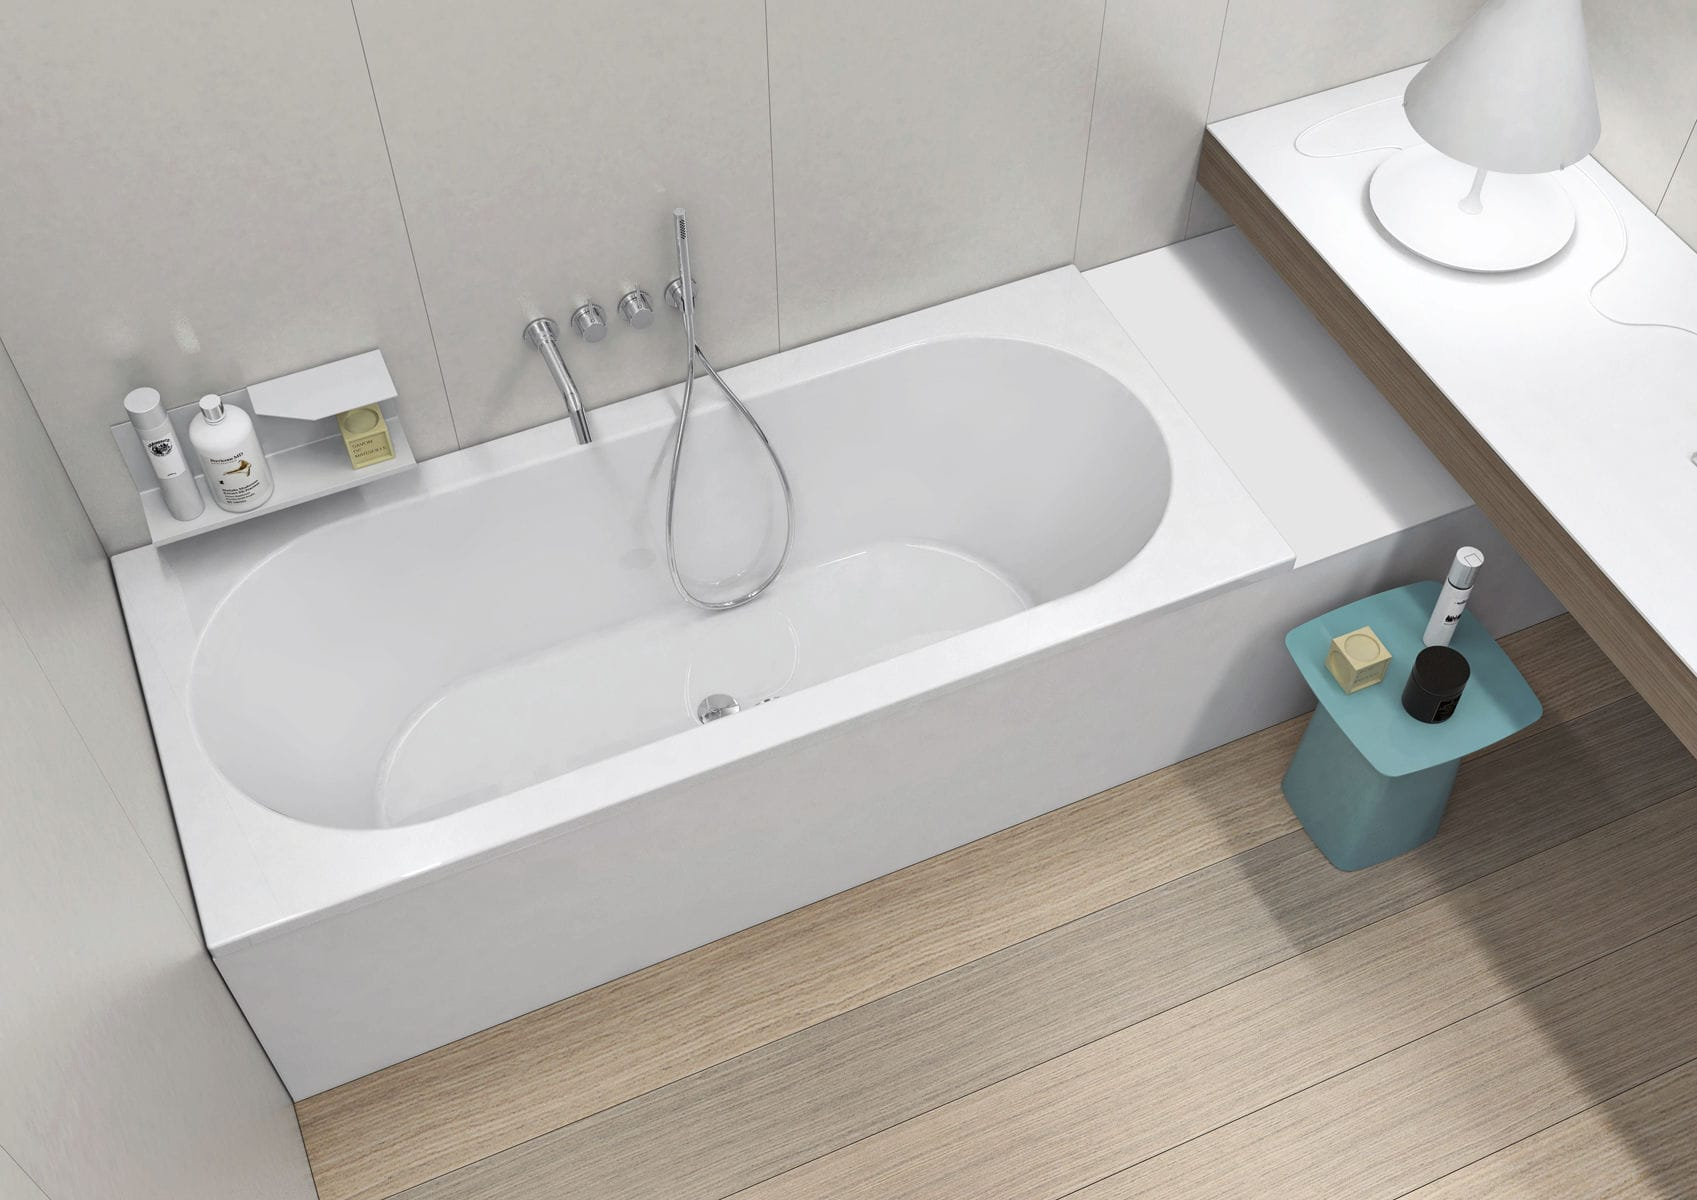 Vasca Da Bagno Resina Prezzi : Vasca da bagno ovale in corian in resina in marmo